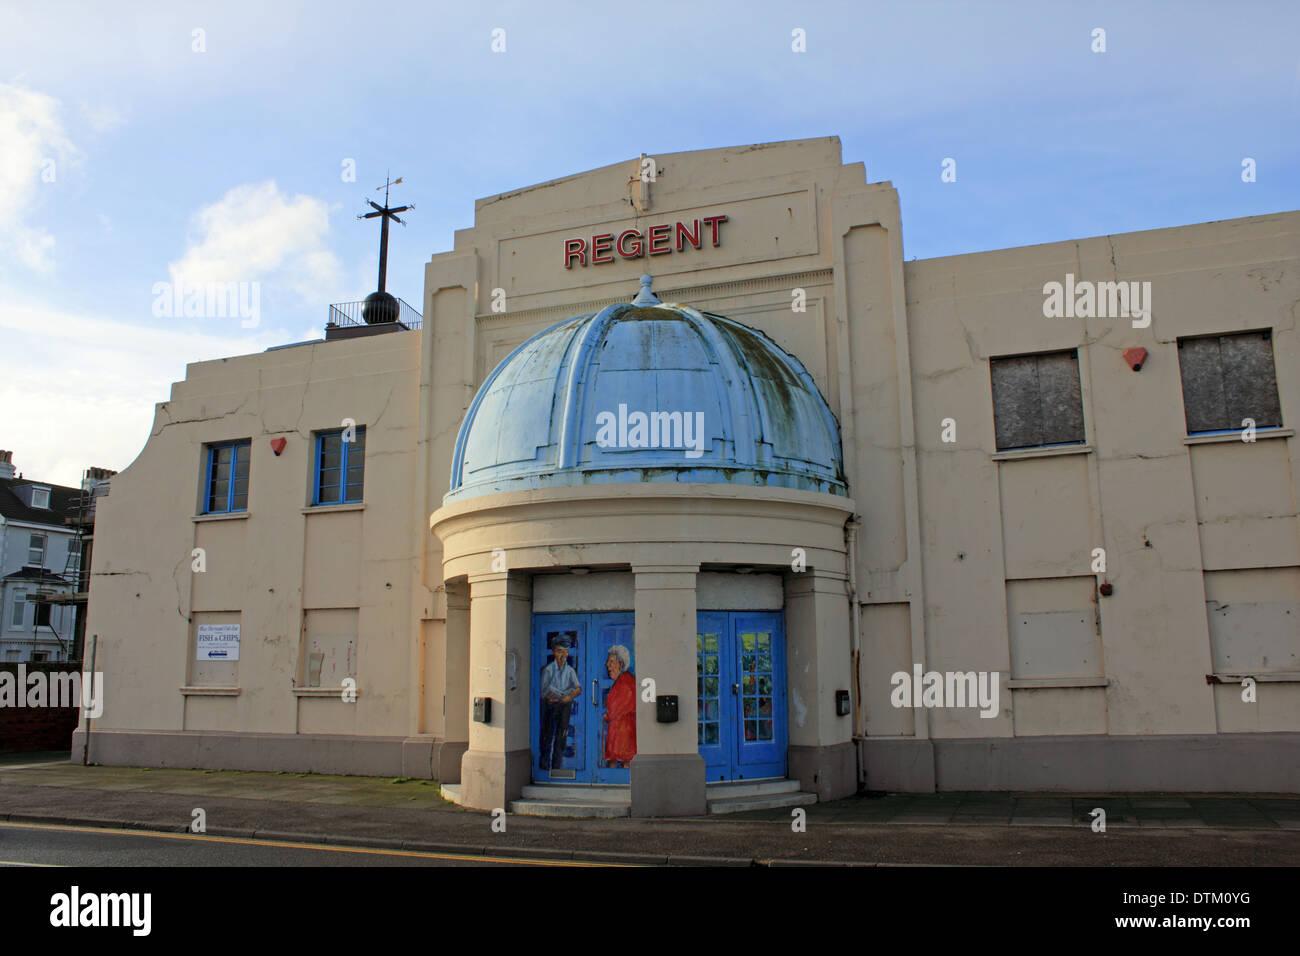 Le Regent cinéma art déco 2008 Bâtiment fermé en ville côtière de Deal, Kent, England, UK Photo Stock